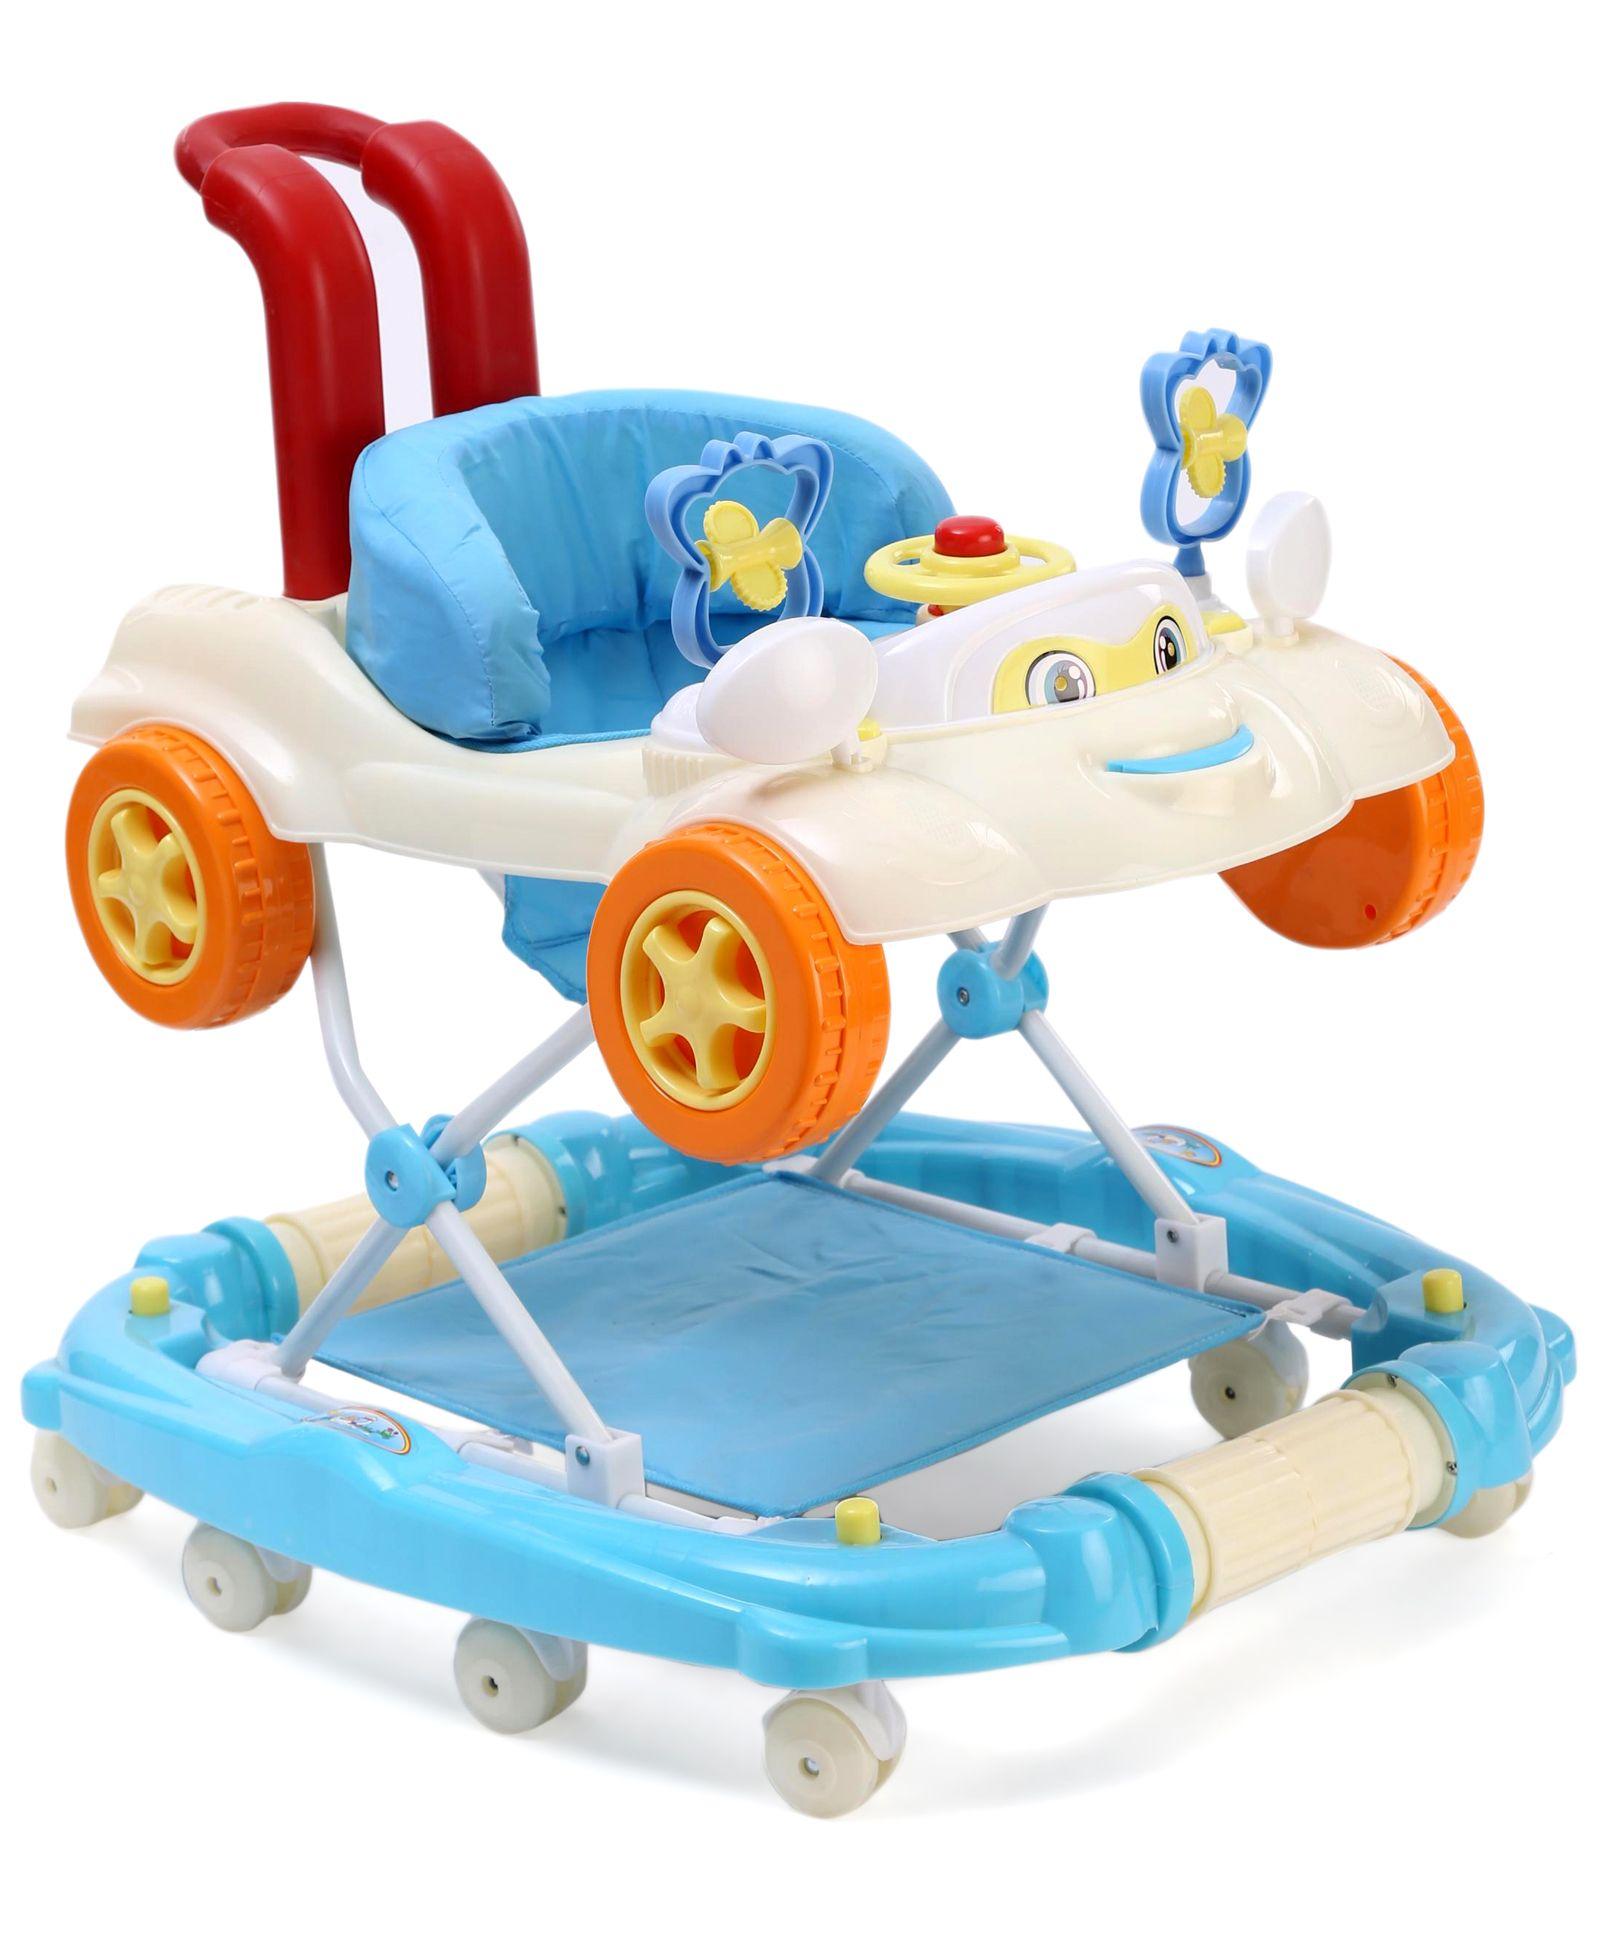 Baby Car Design Musical Walker - Blue White